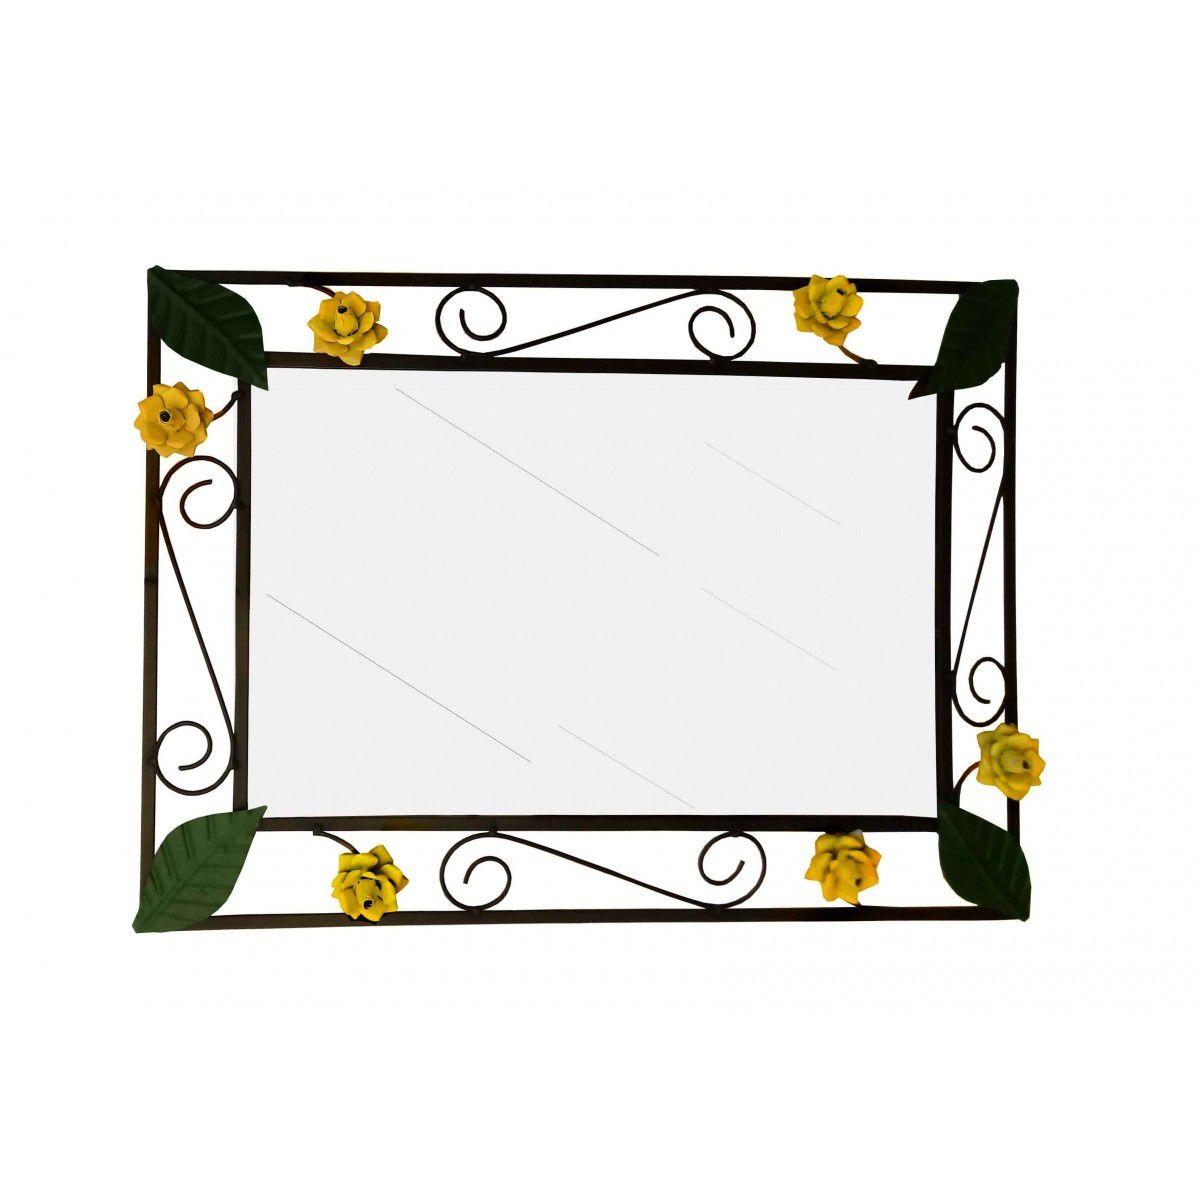 Moldura Espelho Artesanal de Ferro Rustico Decorativa com Flores